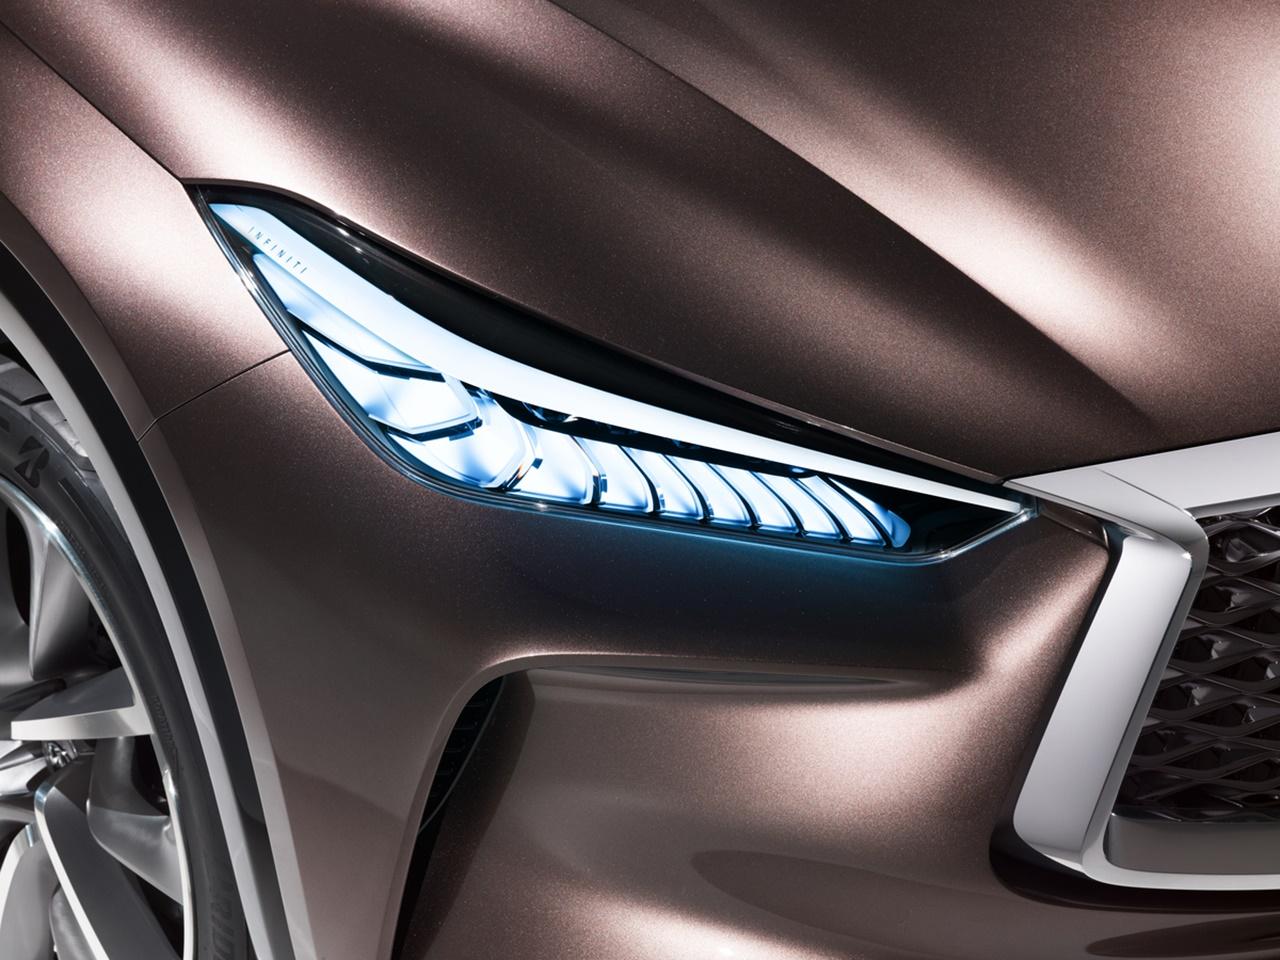 【デトロイトショー2017】日産が「インフィニティQX50コンセプト」を世界初披露 - infinitis-qx50-concept013